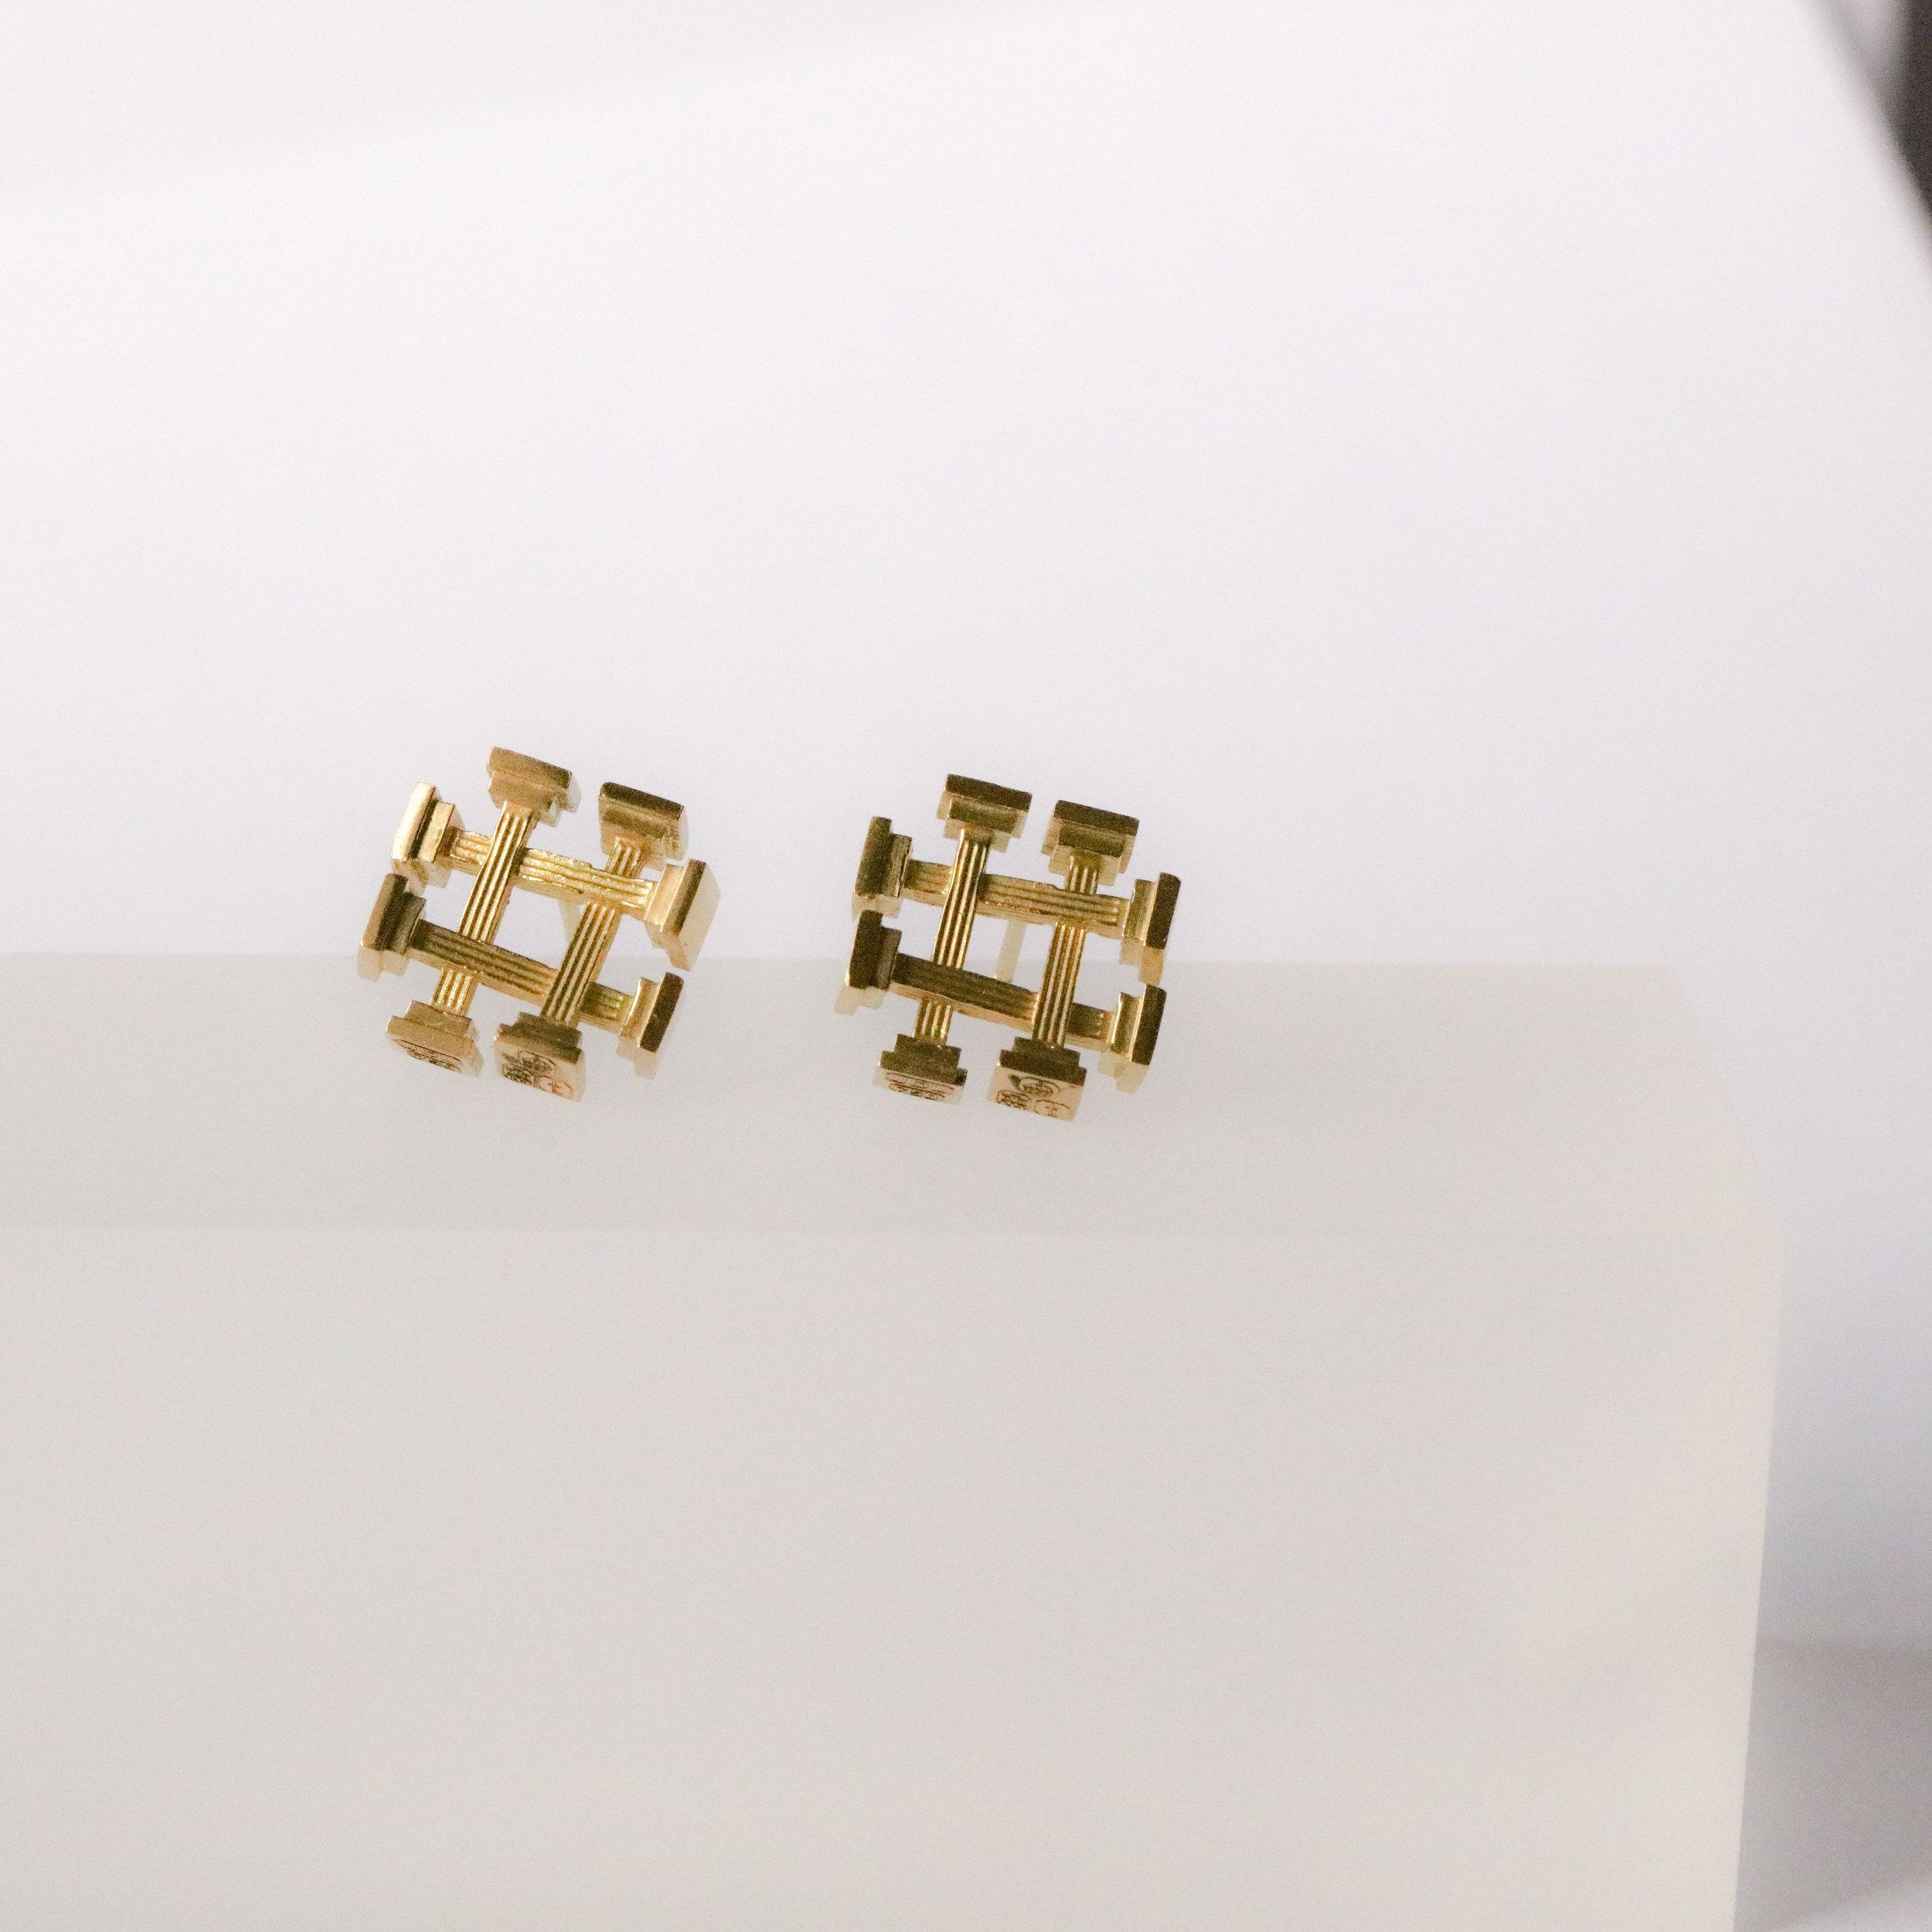 Ruin Earrings in 18ct yellow gold